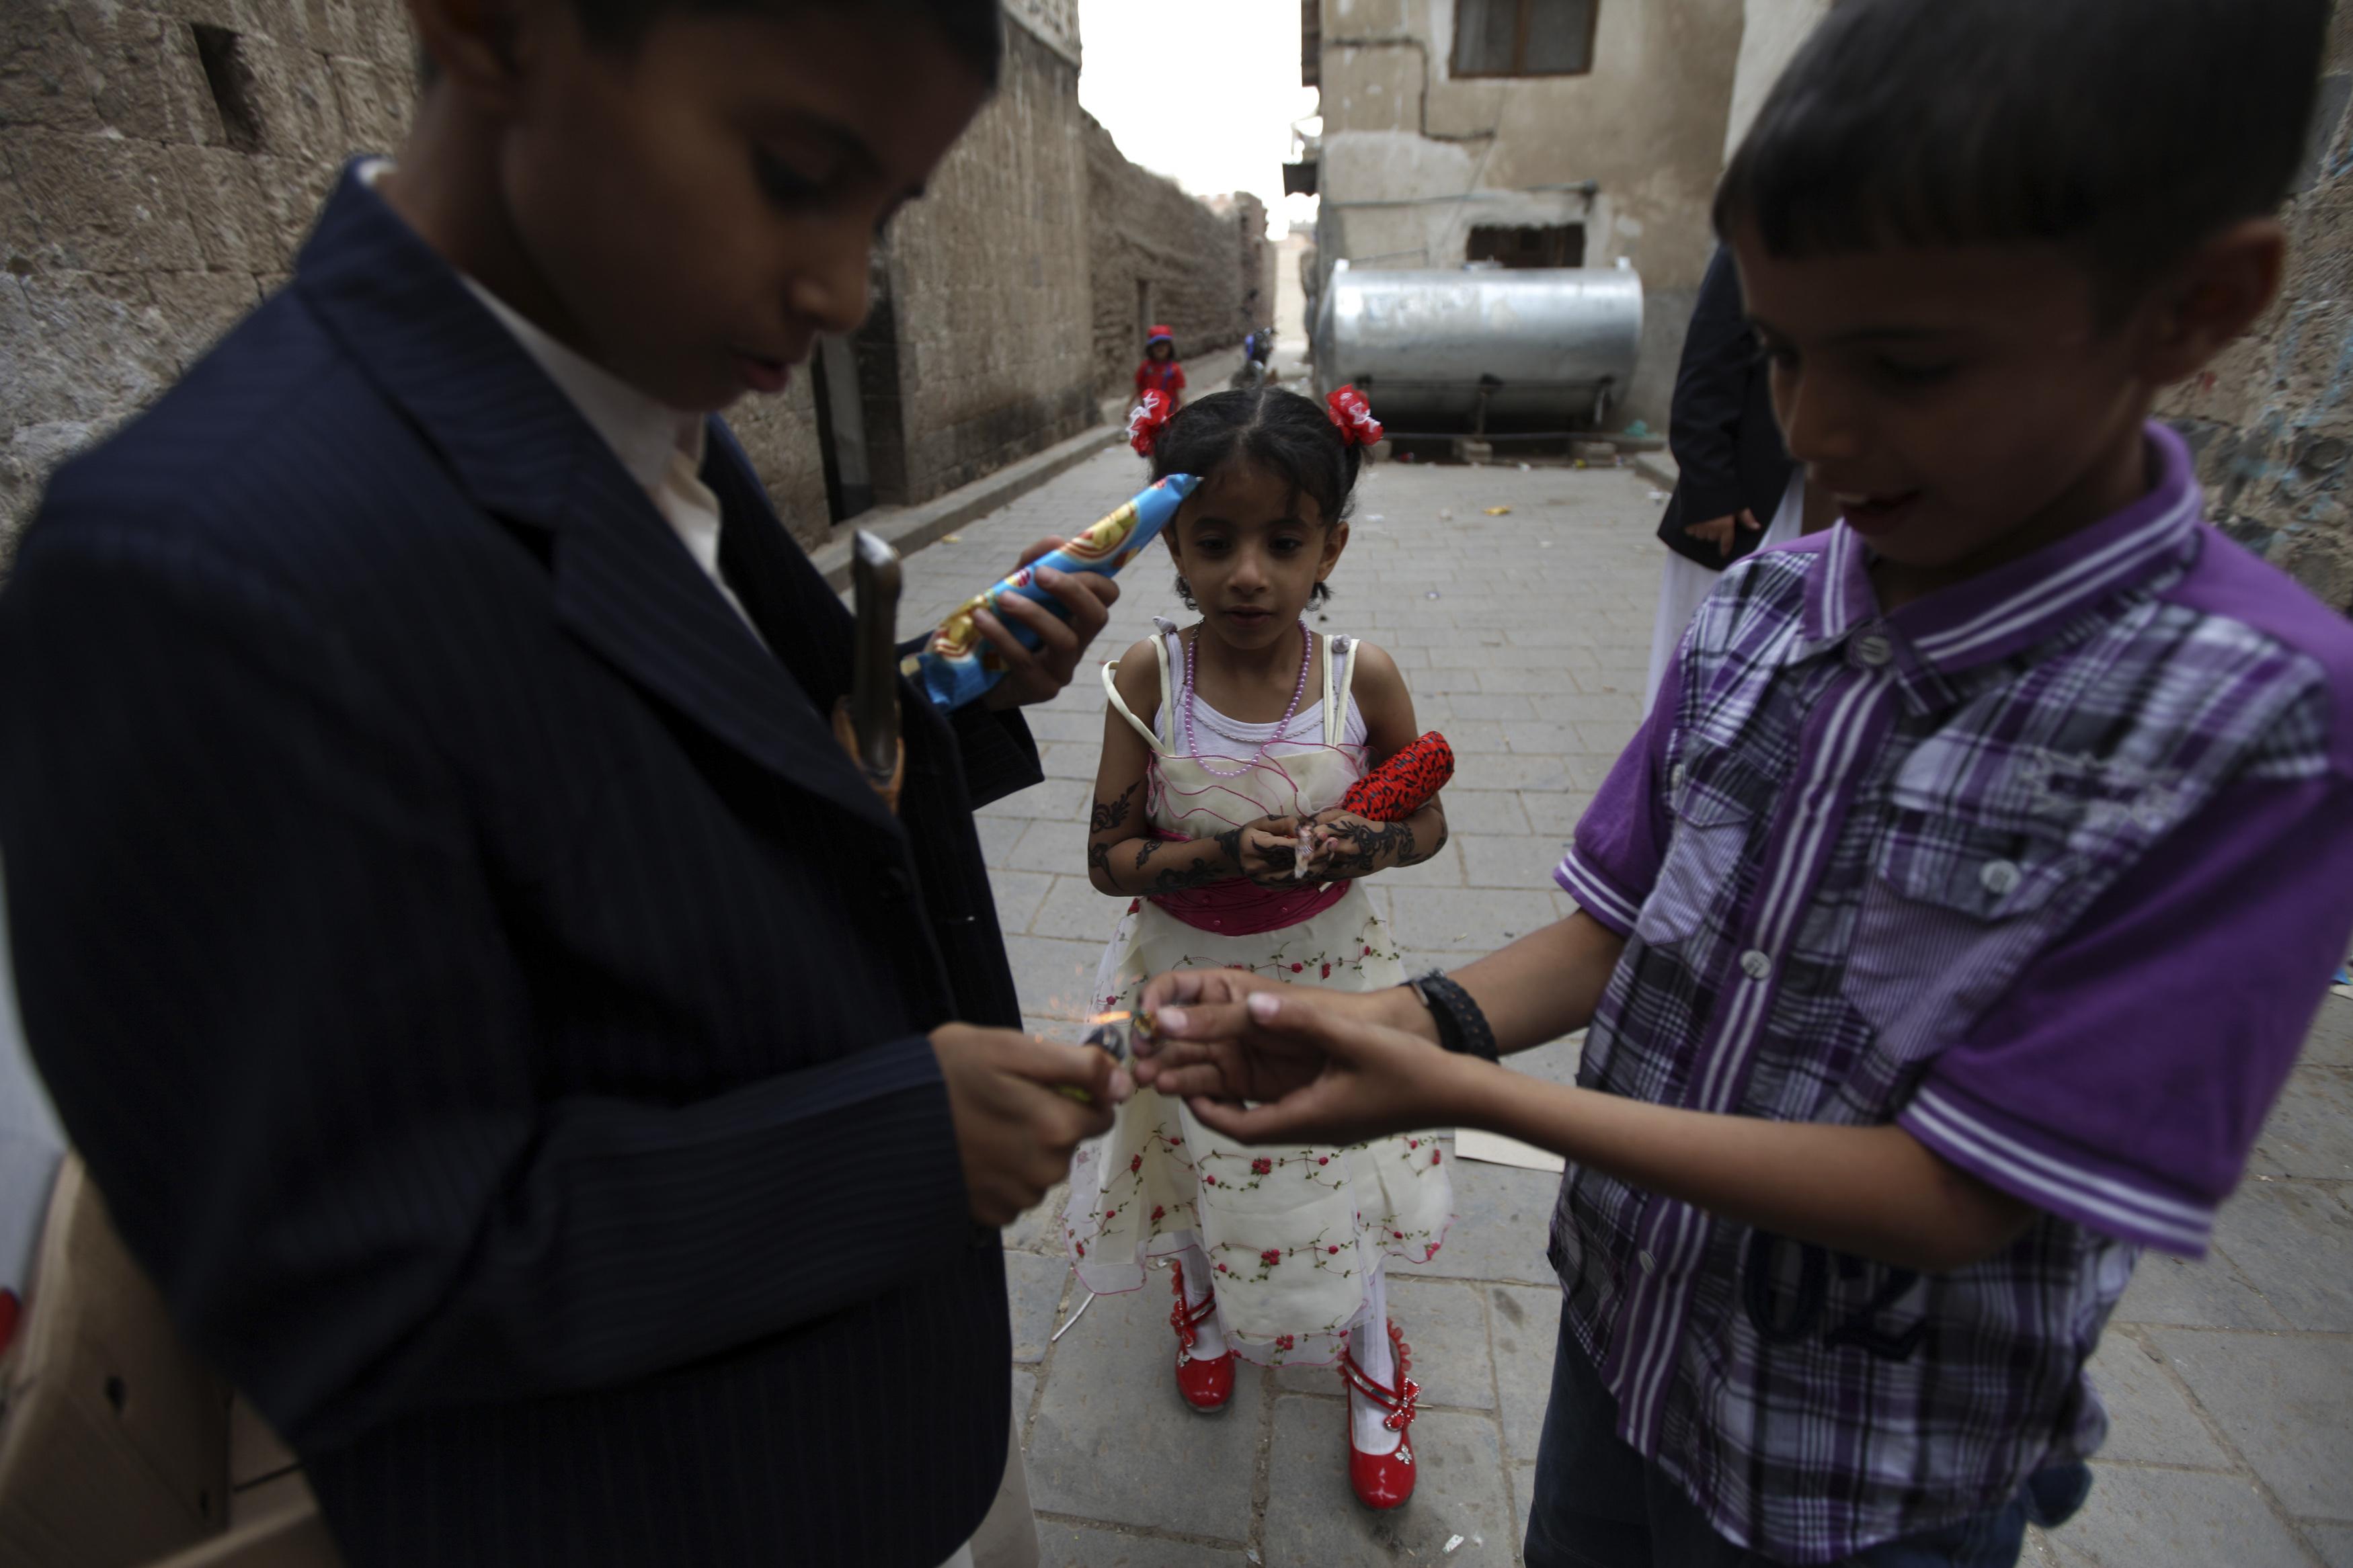 أطفال يمنيون يرتدون ملابس جديدة في أول أيام عيد الفطر بالعاصمة صنعاء